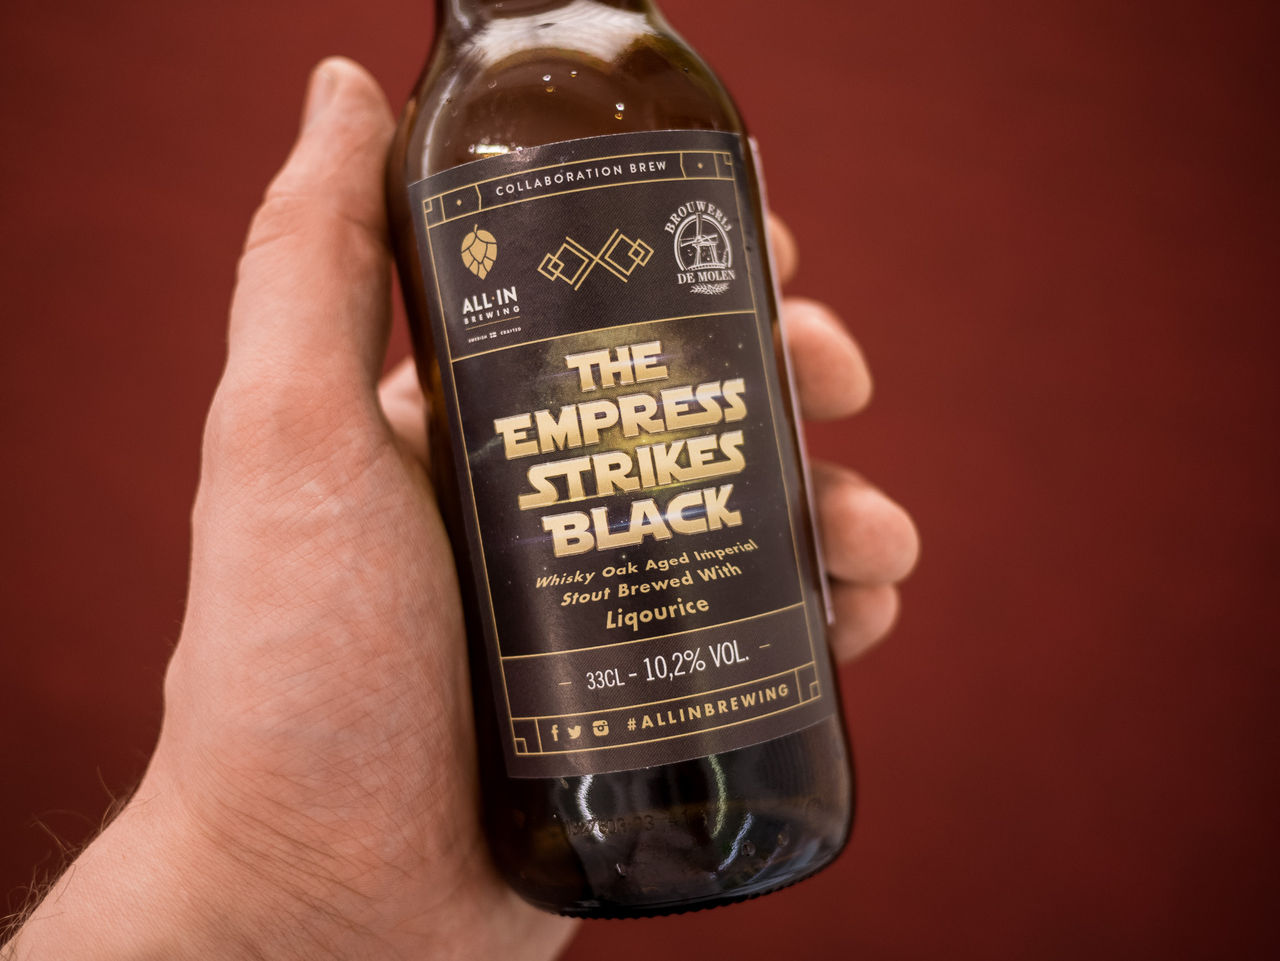 Nya mörka öl på bolaget